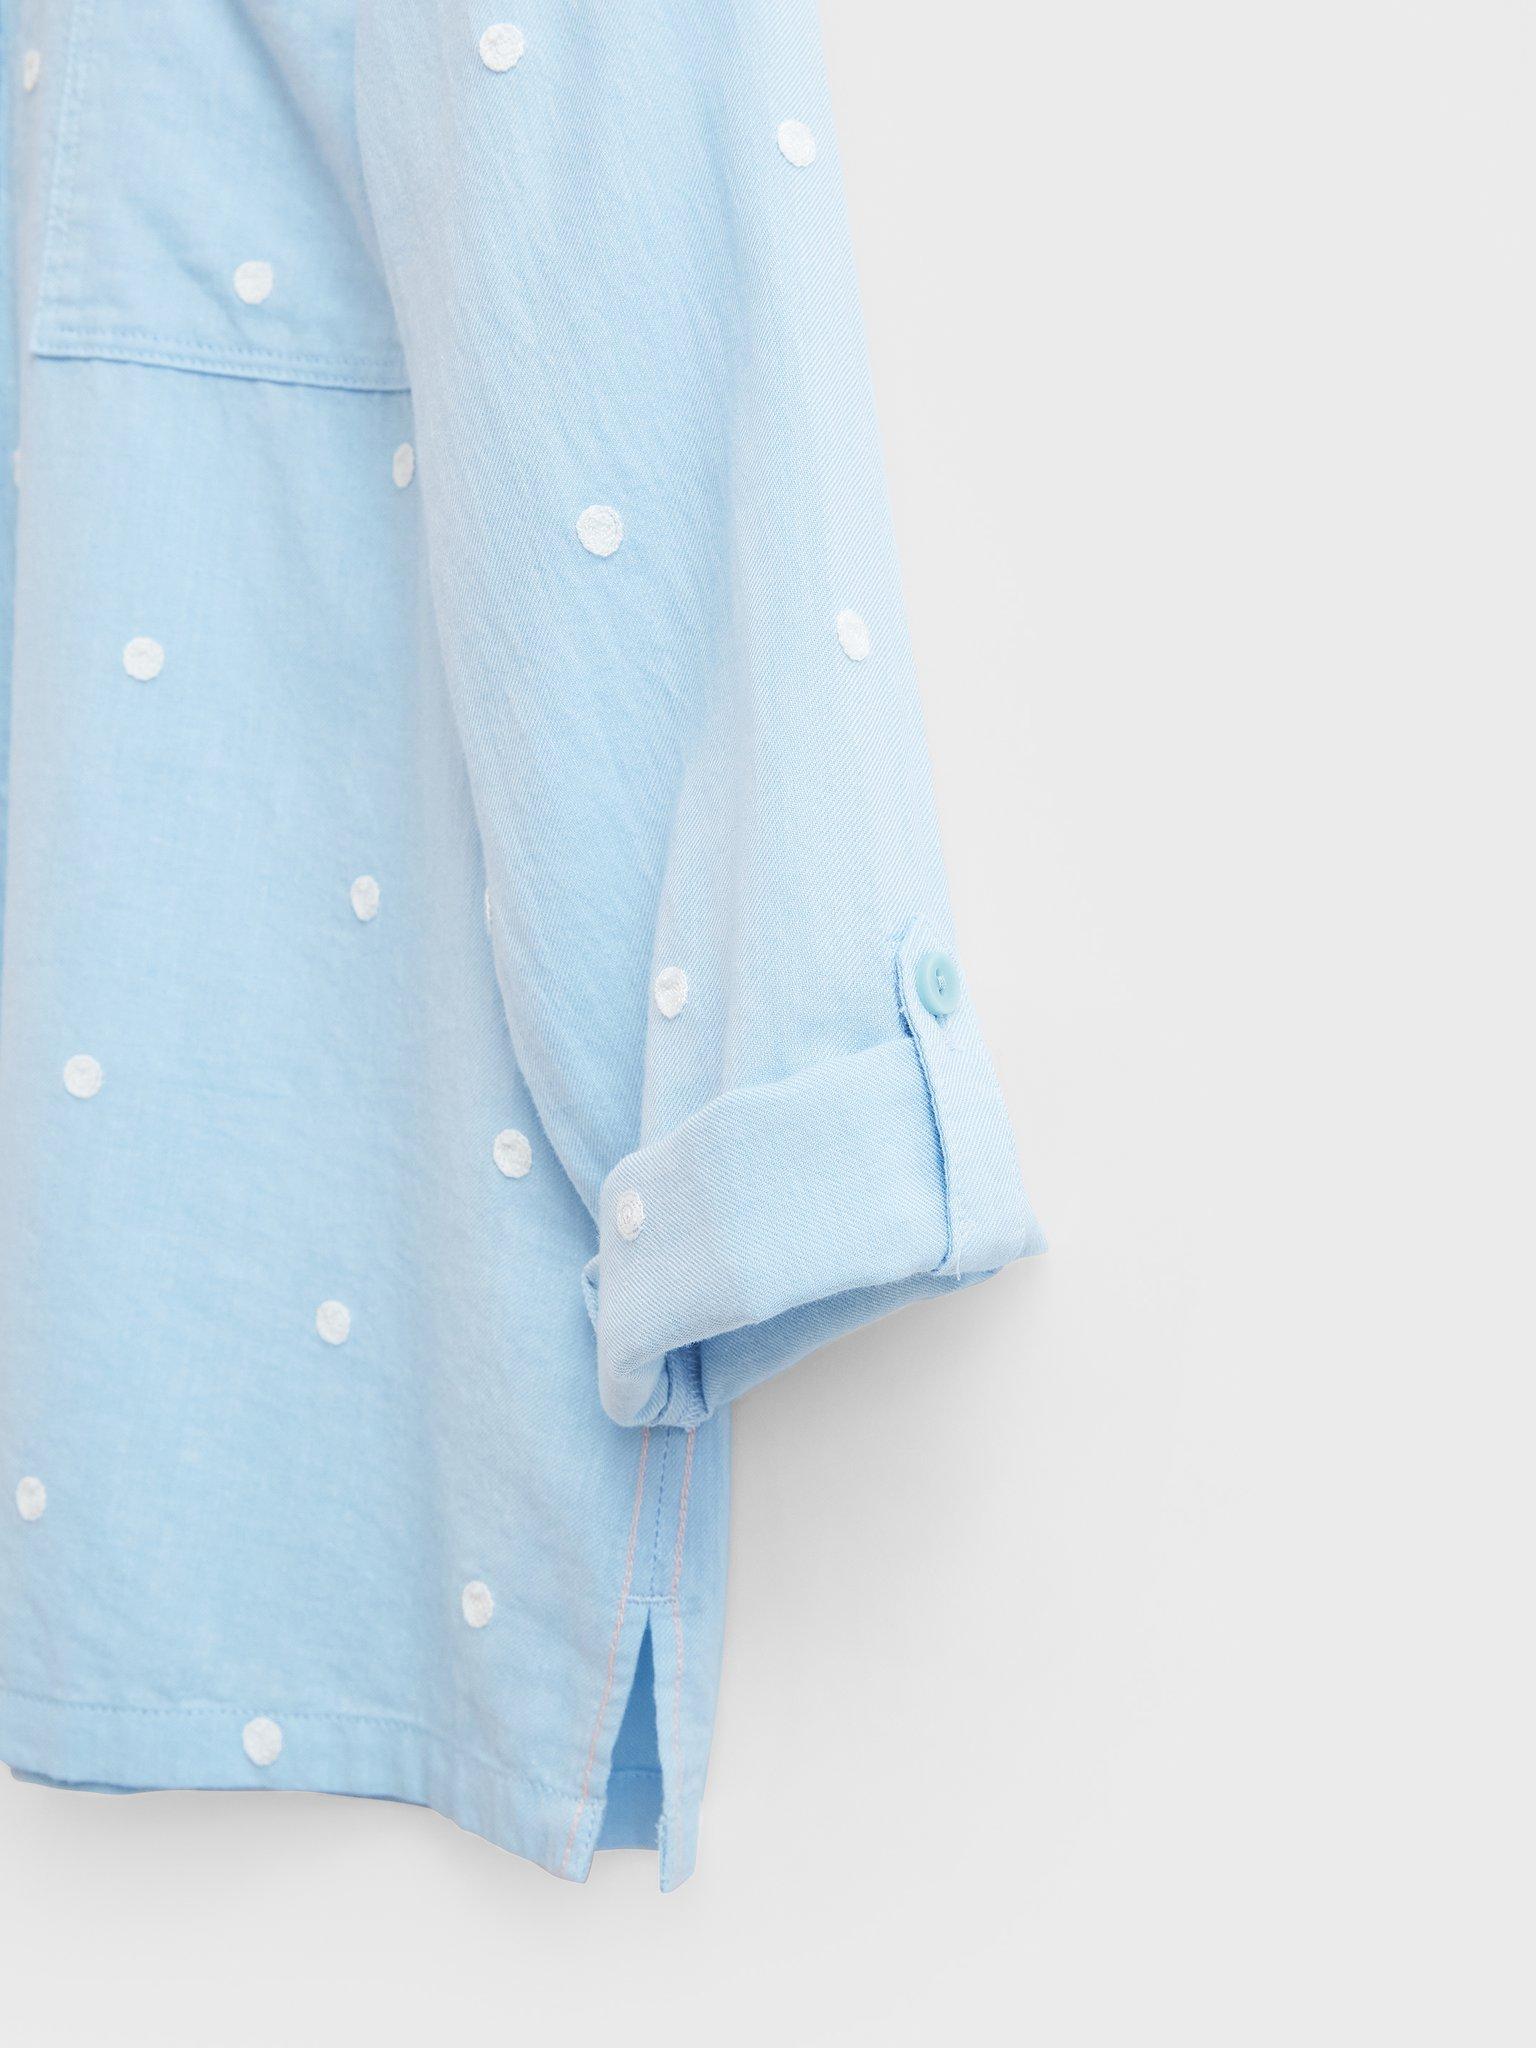 White Stuff | Emilia Organic Cotton Shirt